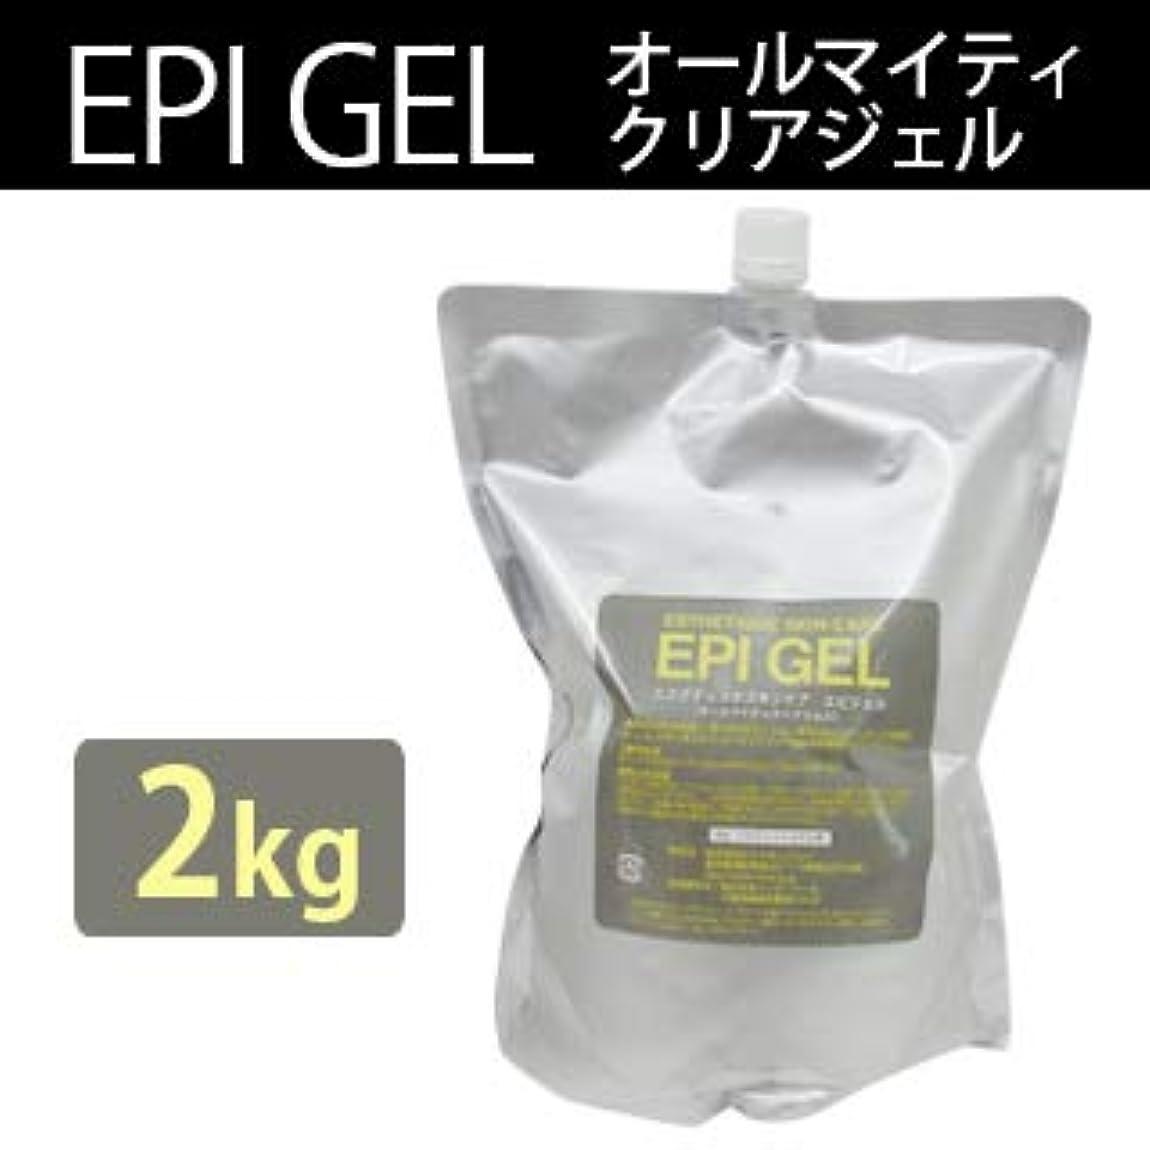 色合い収束チャンピオンシップエステティック スキンケア エピジェル 2kg クリアジェル (1個)